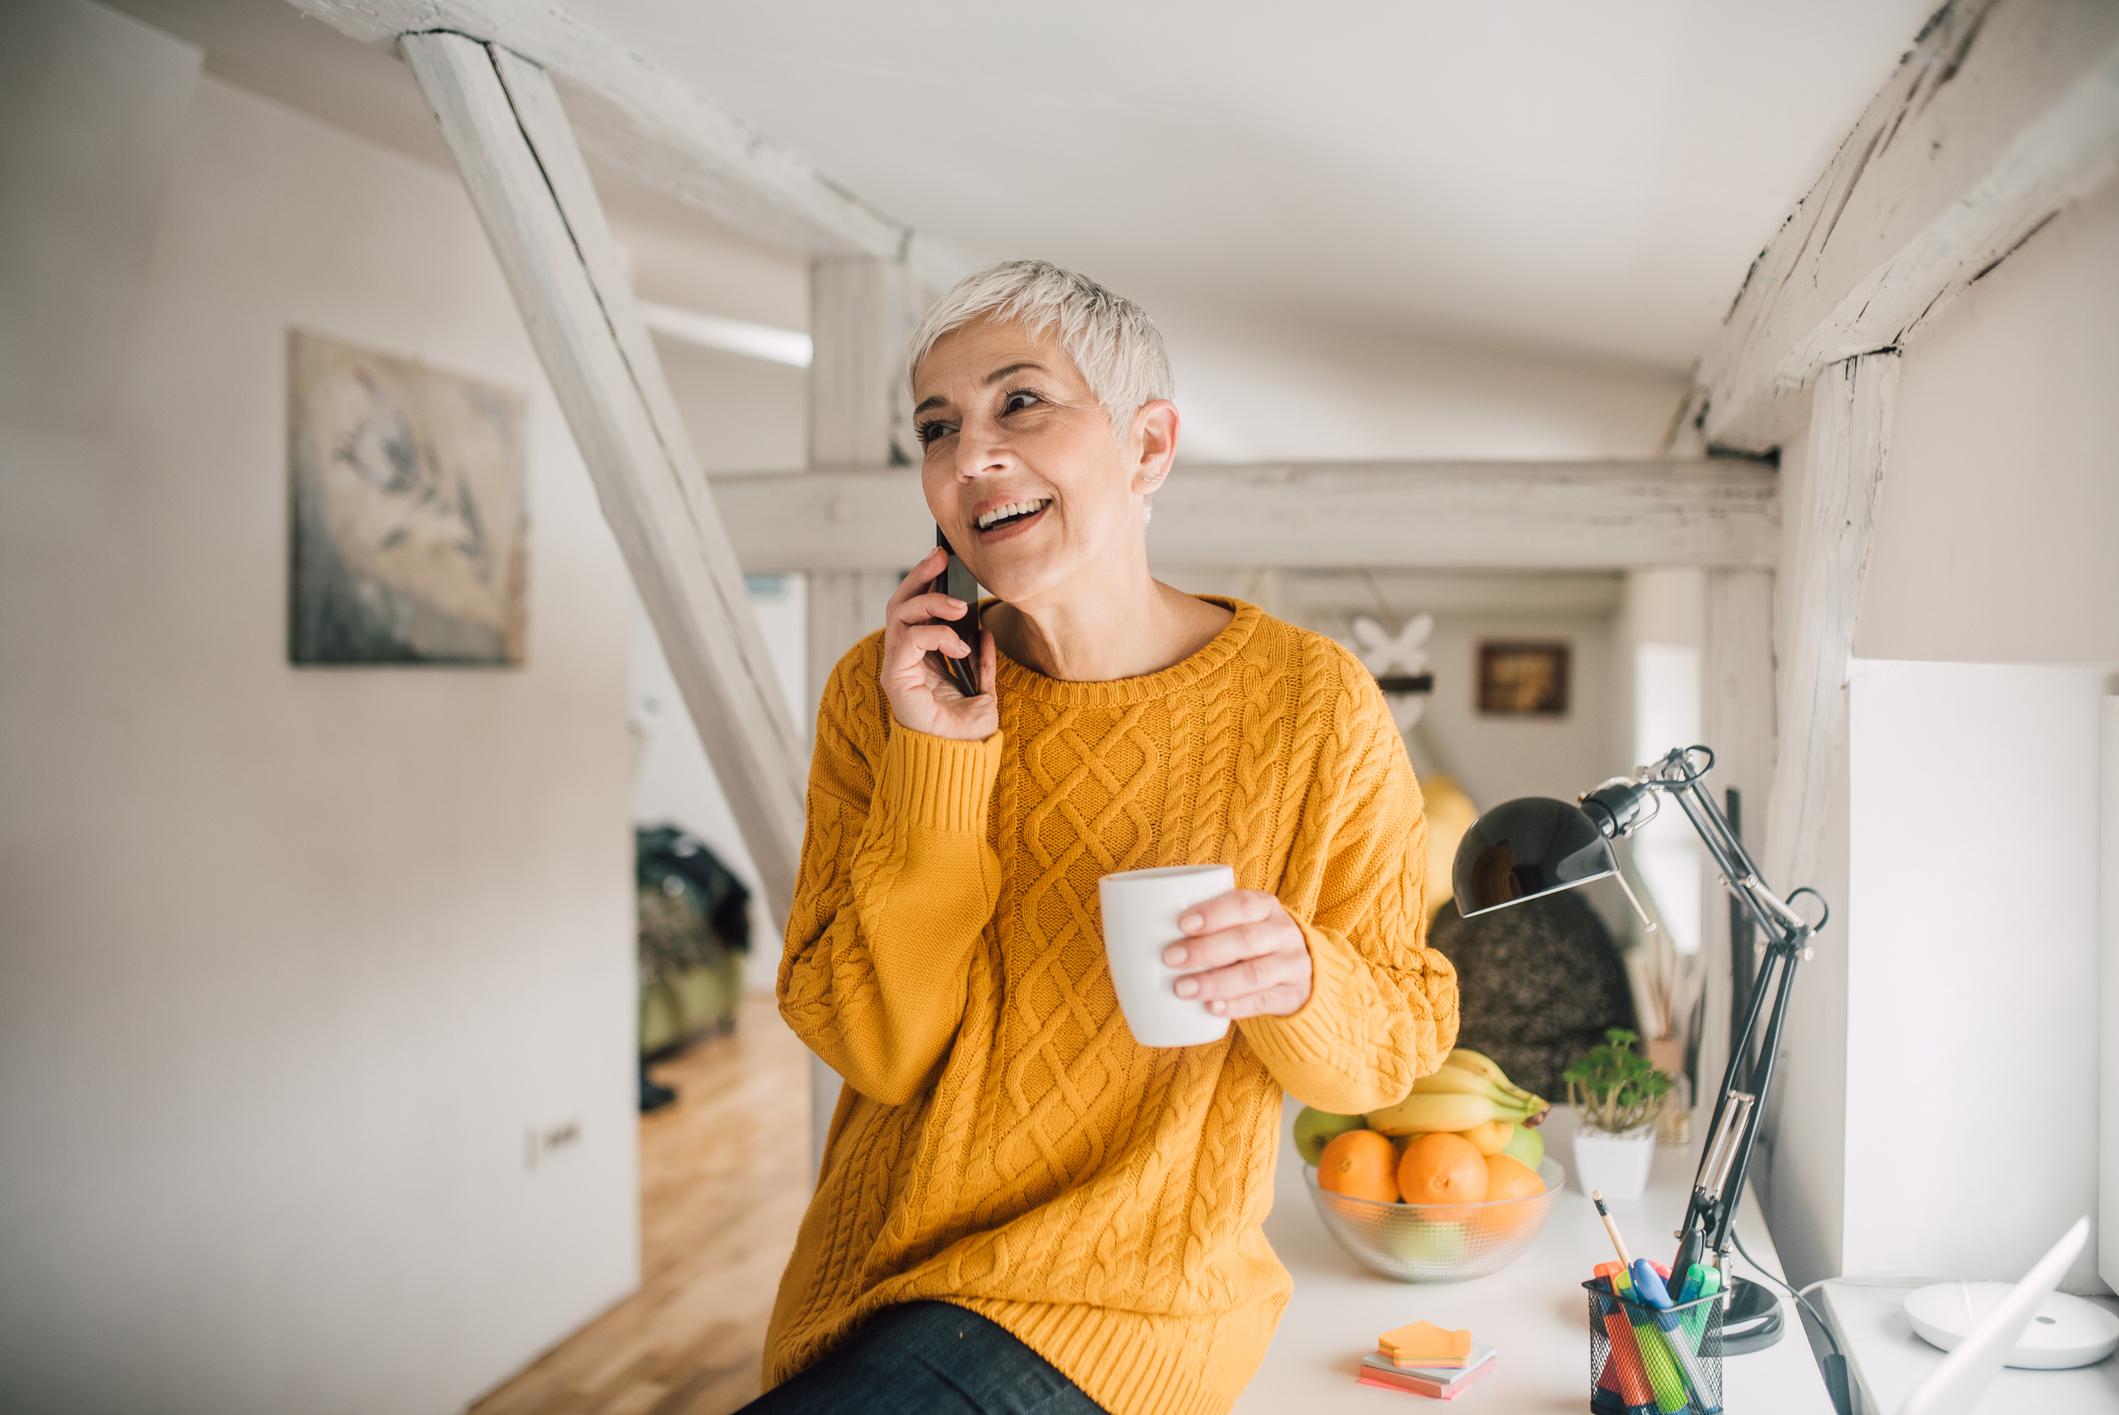 Važno je da ljudi imaju nekog s kime mogu razgovarati idobiti odgovarajuću stručnu pomoć, odnosno savjete kako da provode svoje vrijeme za vrijeme izolacije.